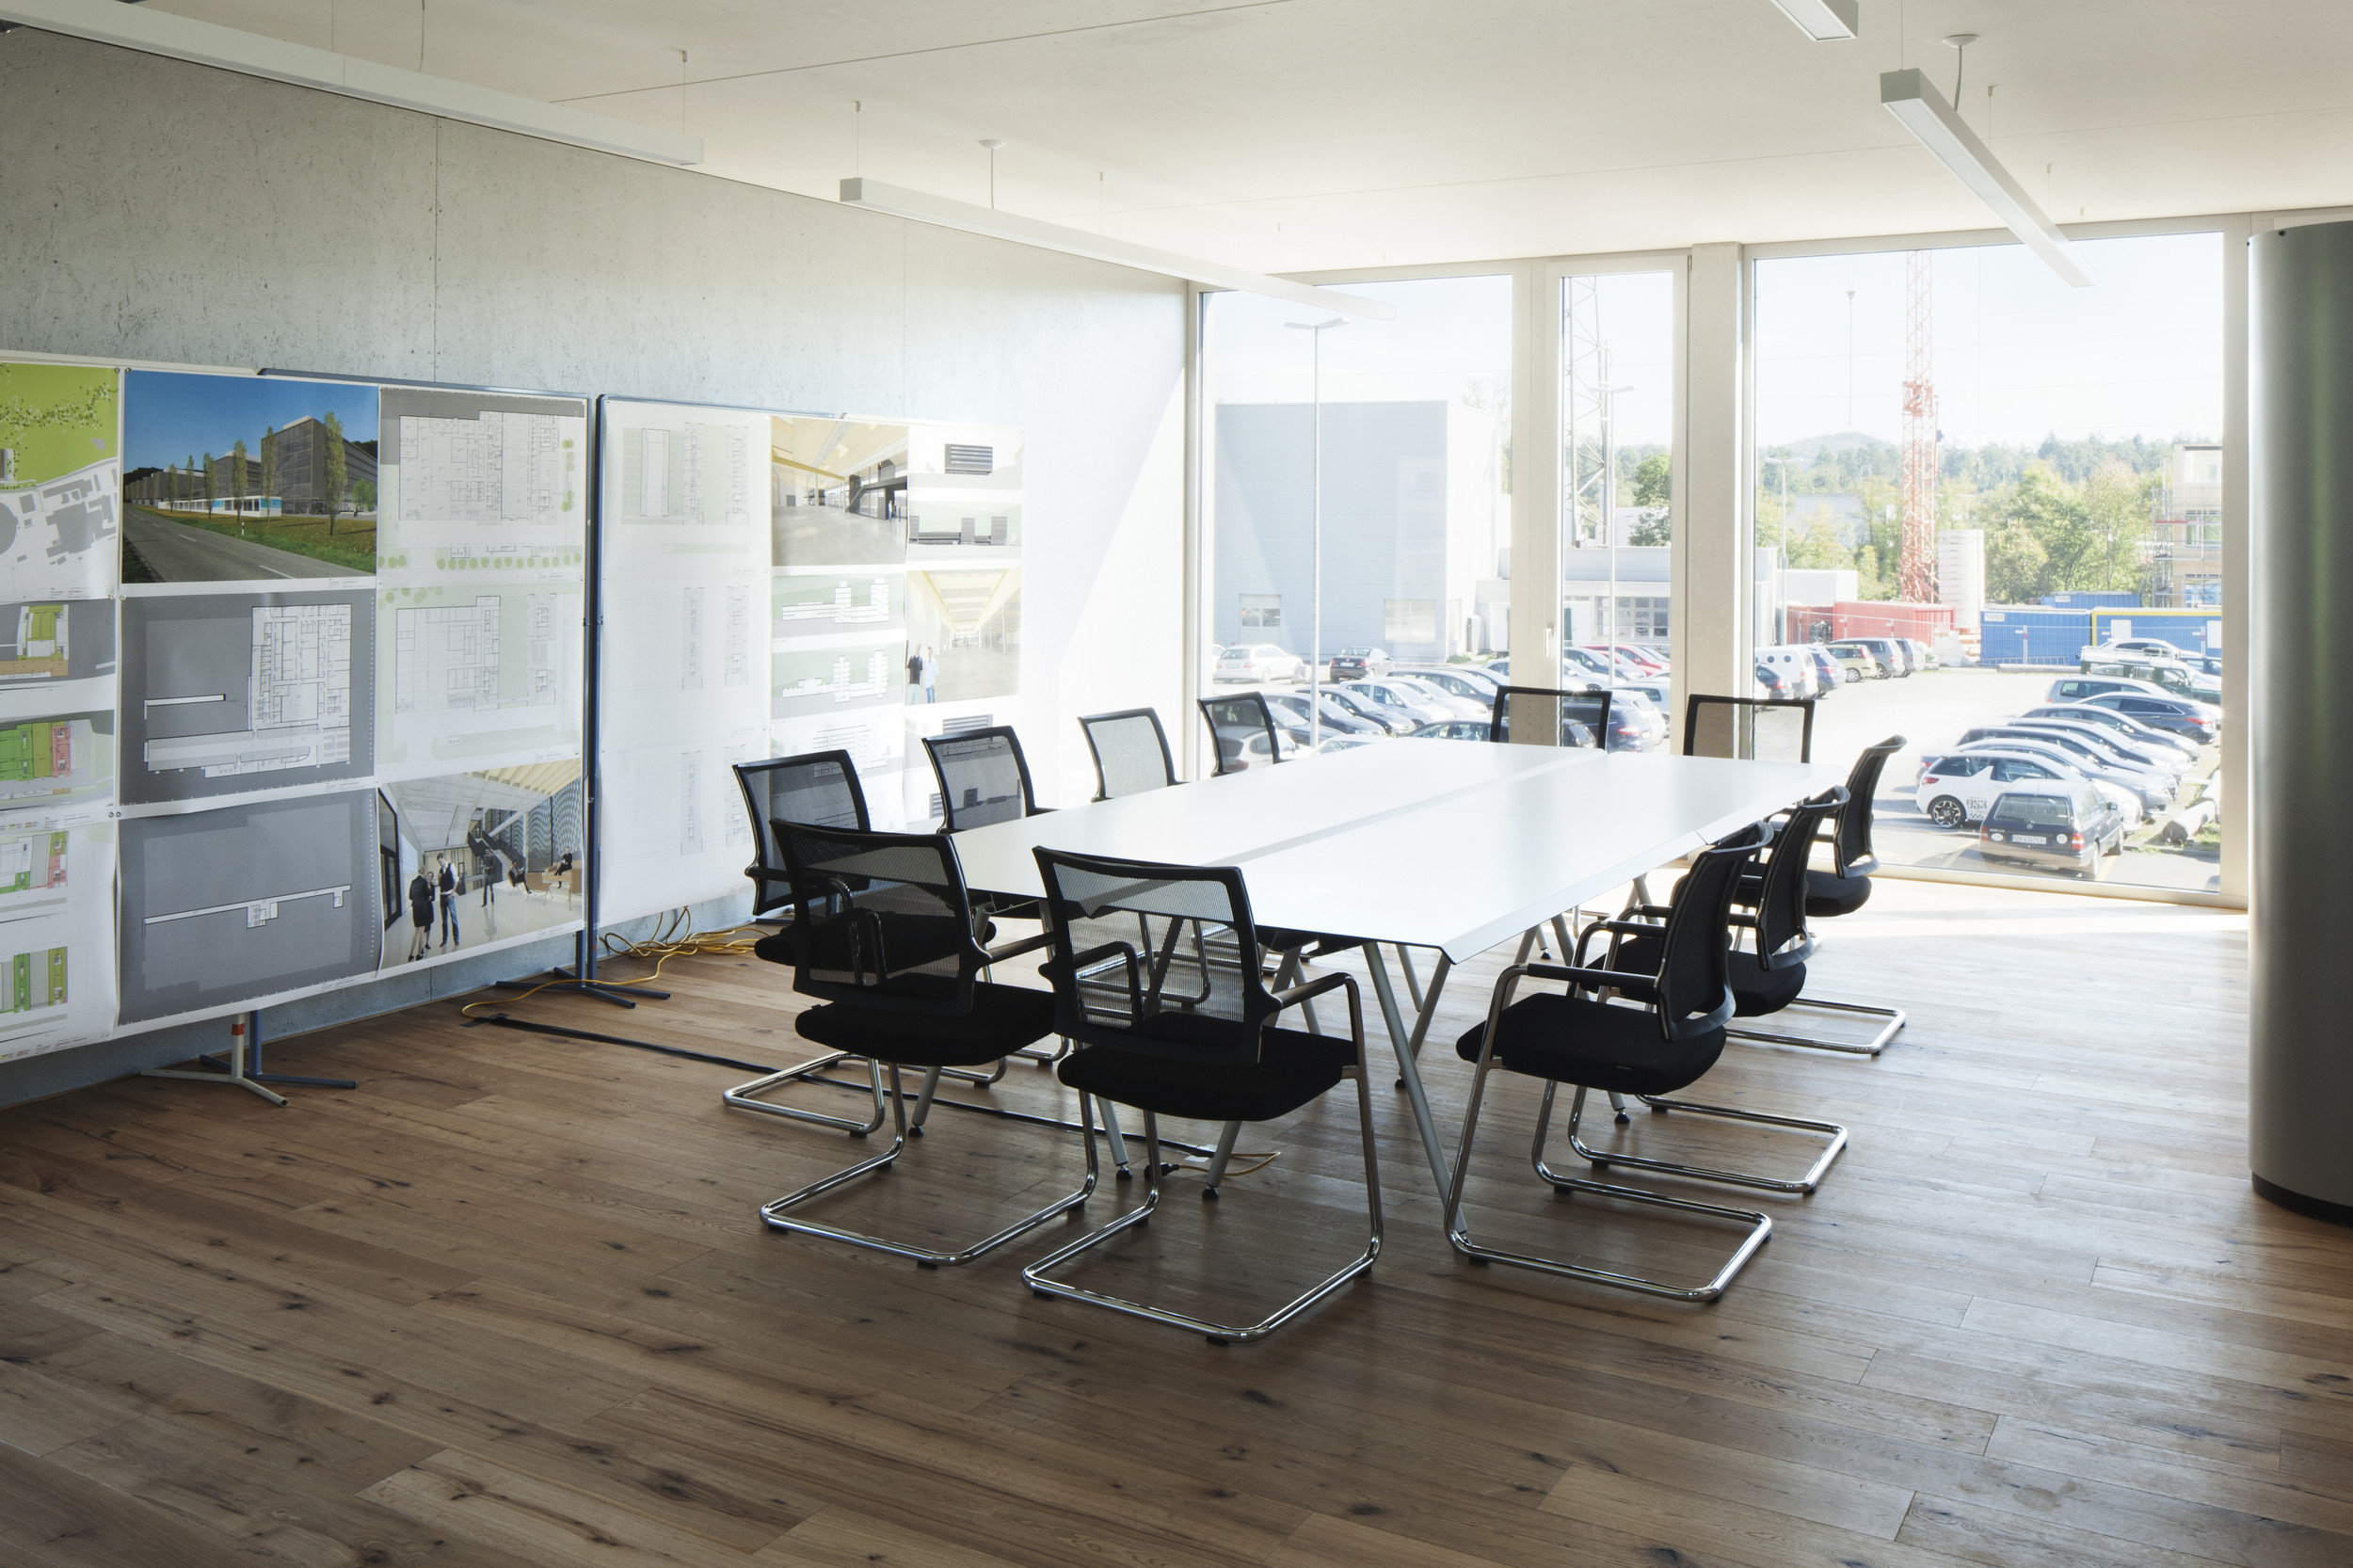 Helles Besprechungszimmer mit raumhohen Fensterelementen